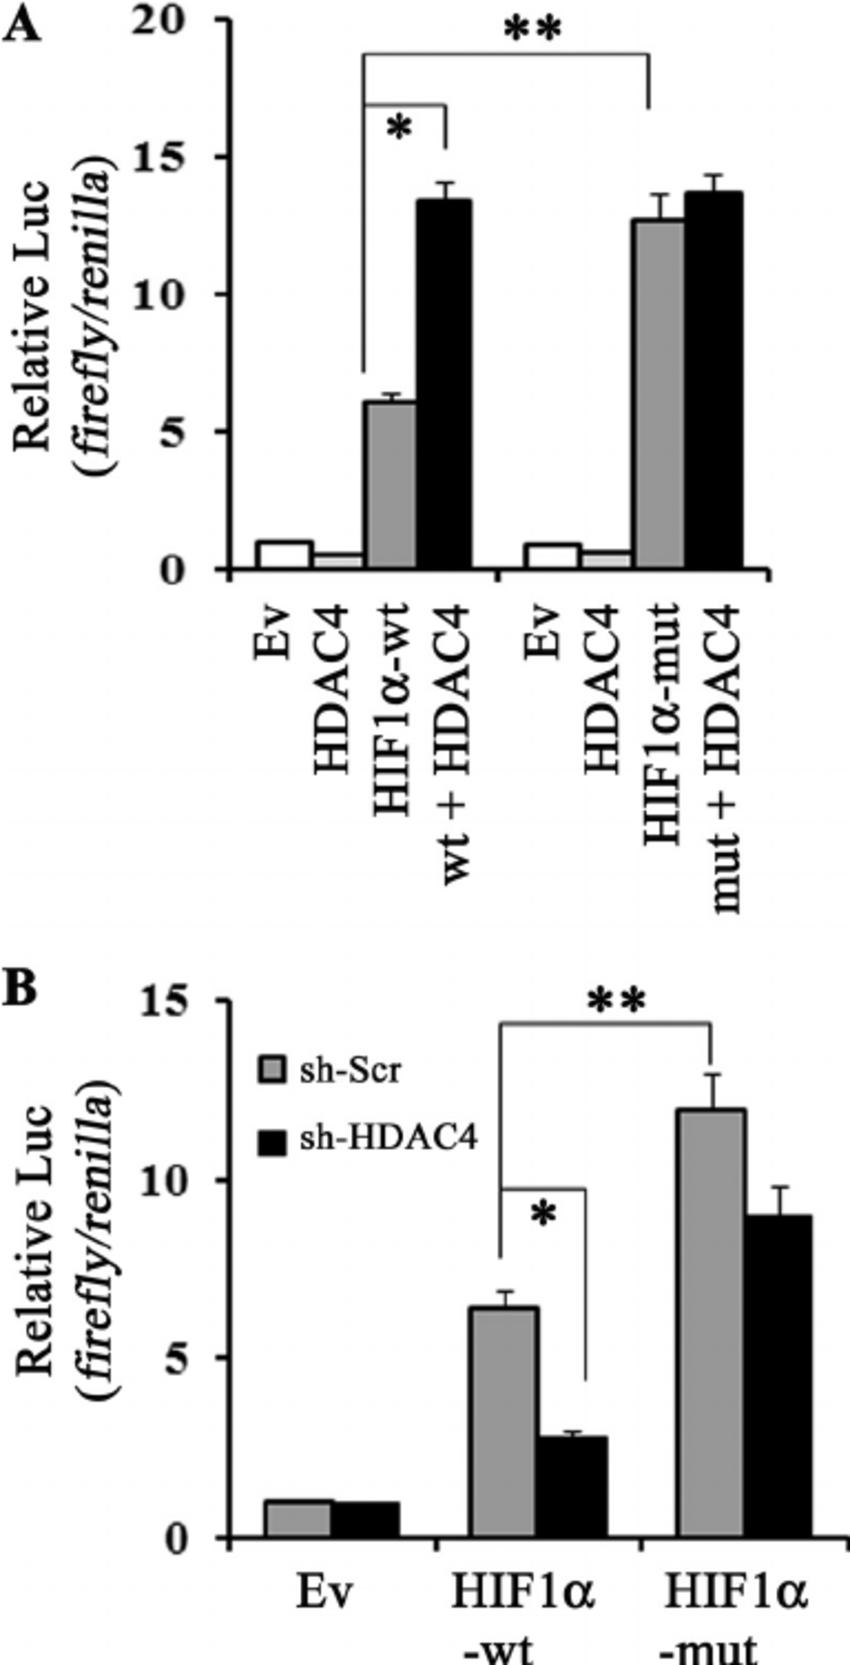 HDAC4 Protein Regulates HIF1α Protein Lysine Acetylation